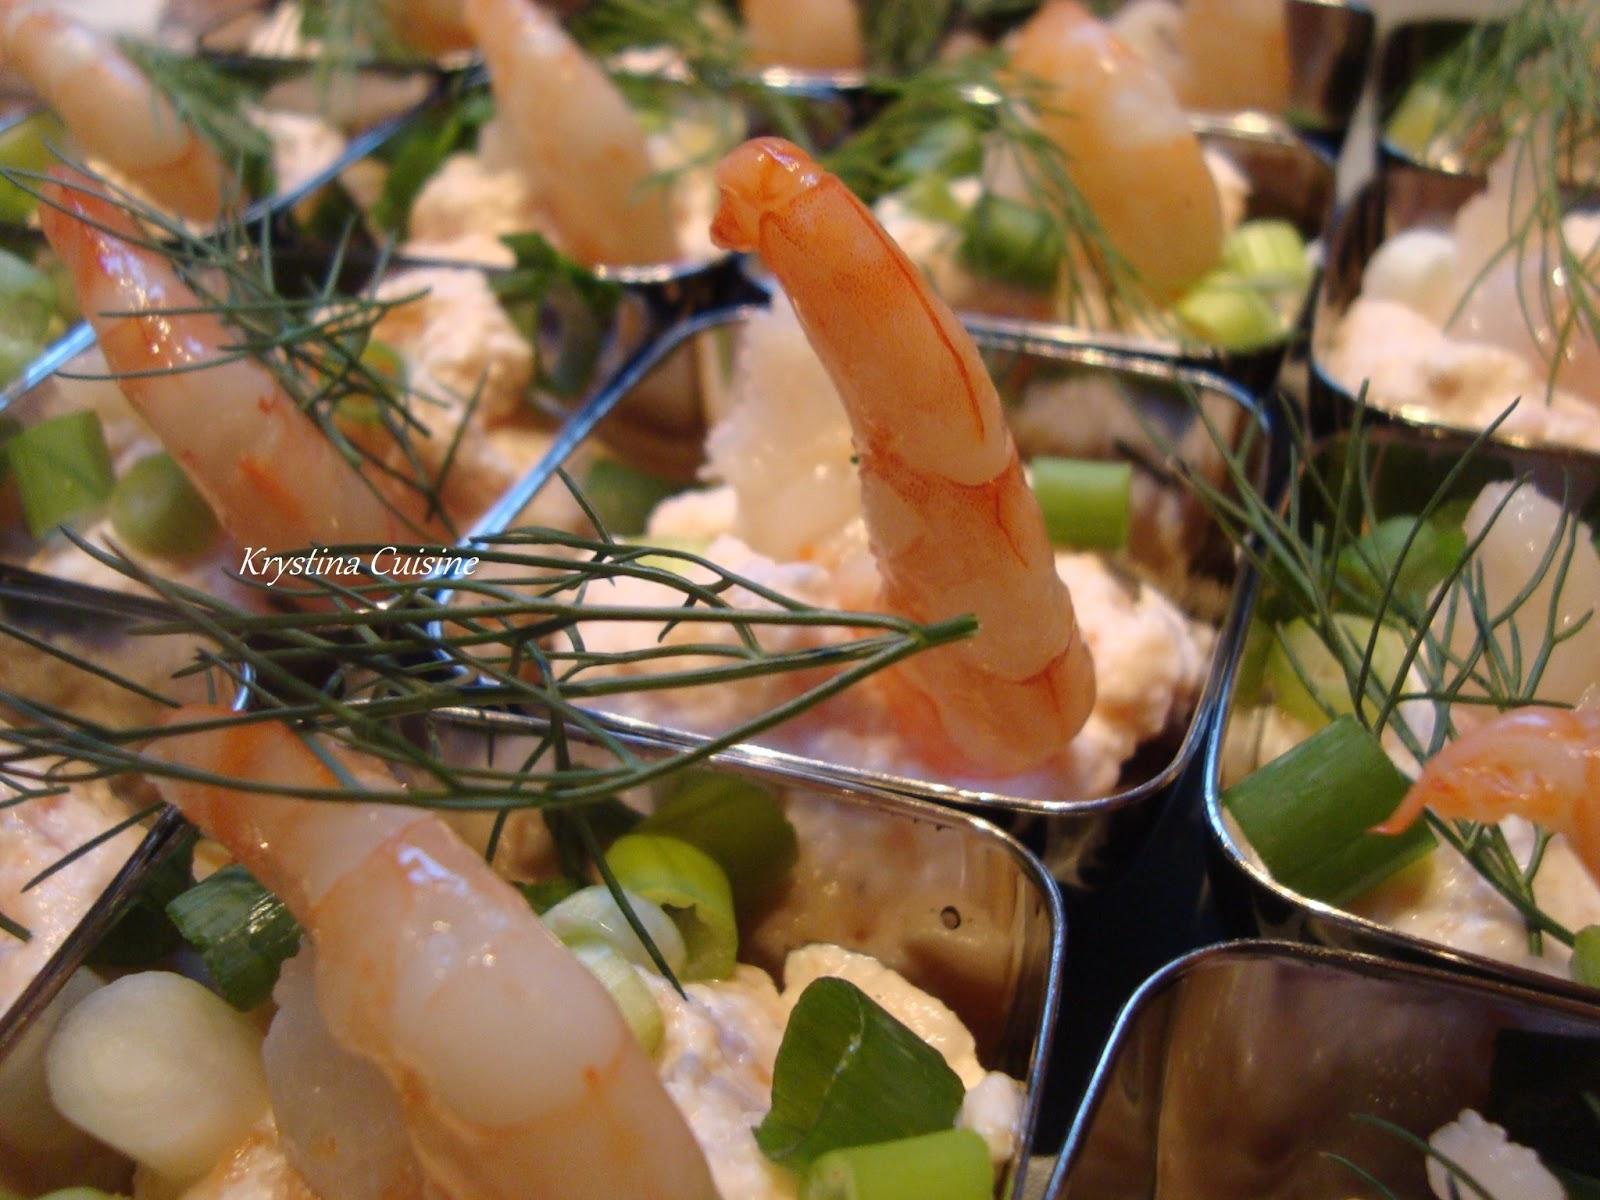 Krystina cuisine mousse de saumon fum for Hors d oeuvre avec saumon fume